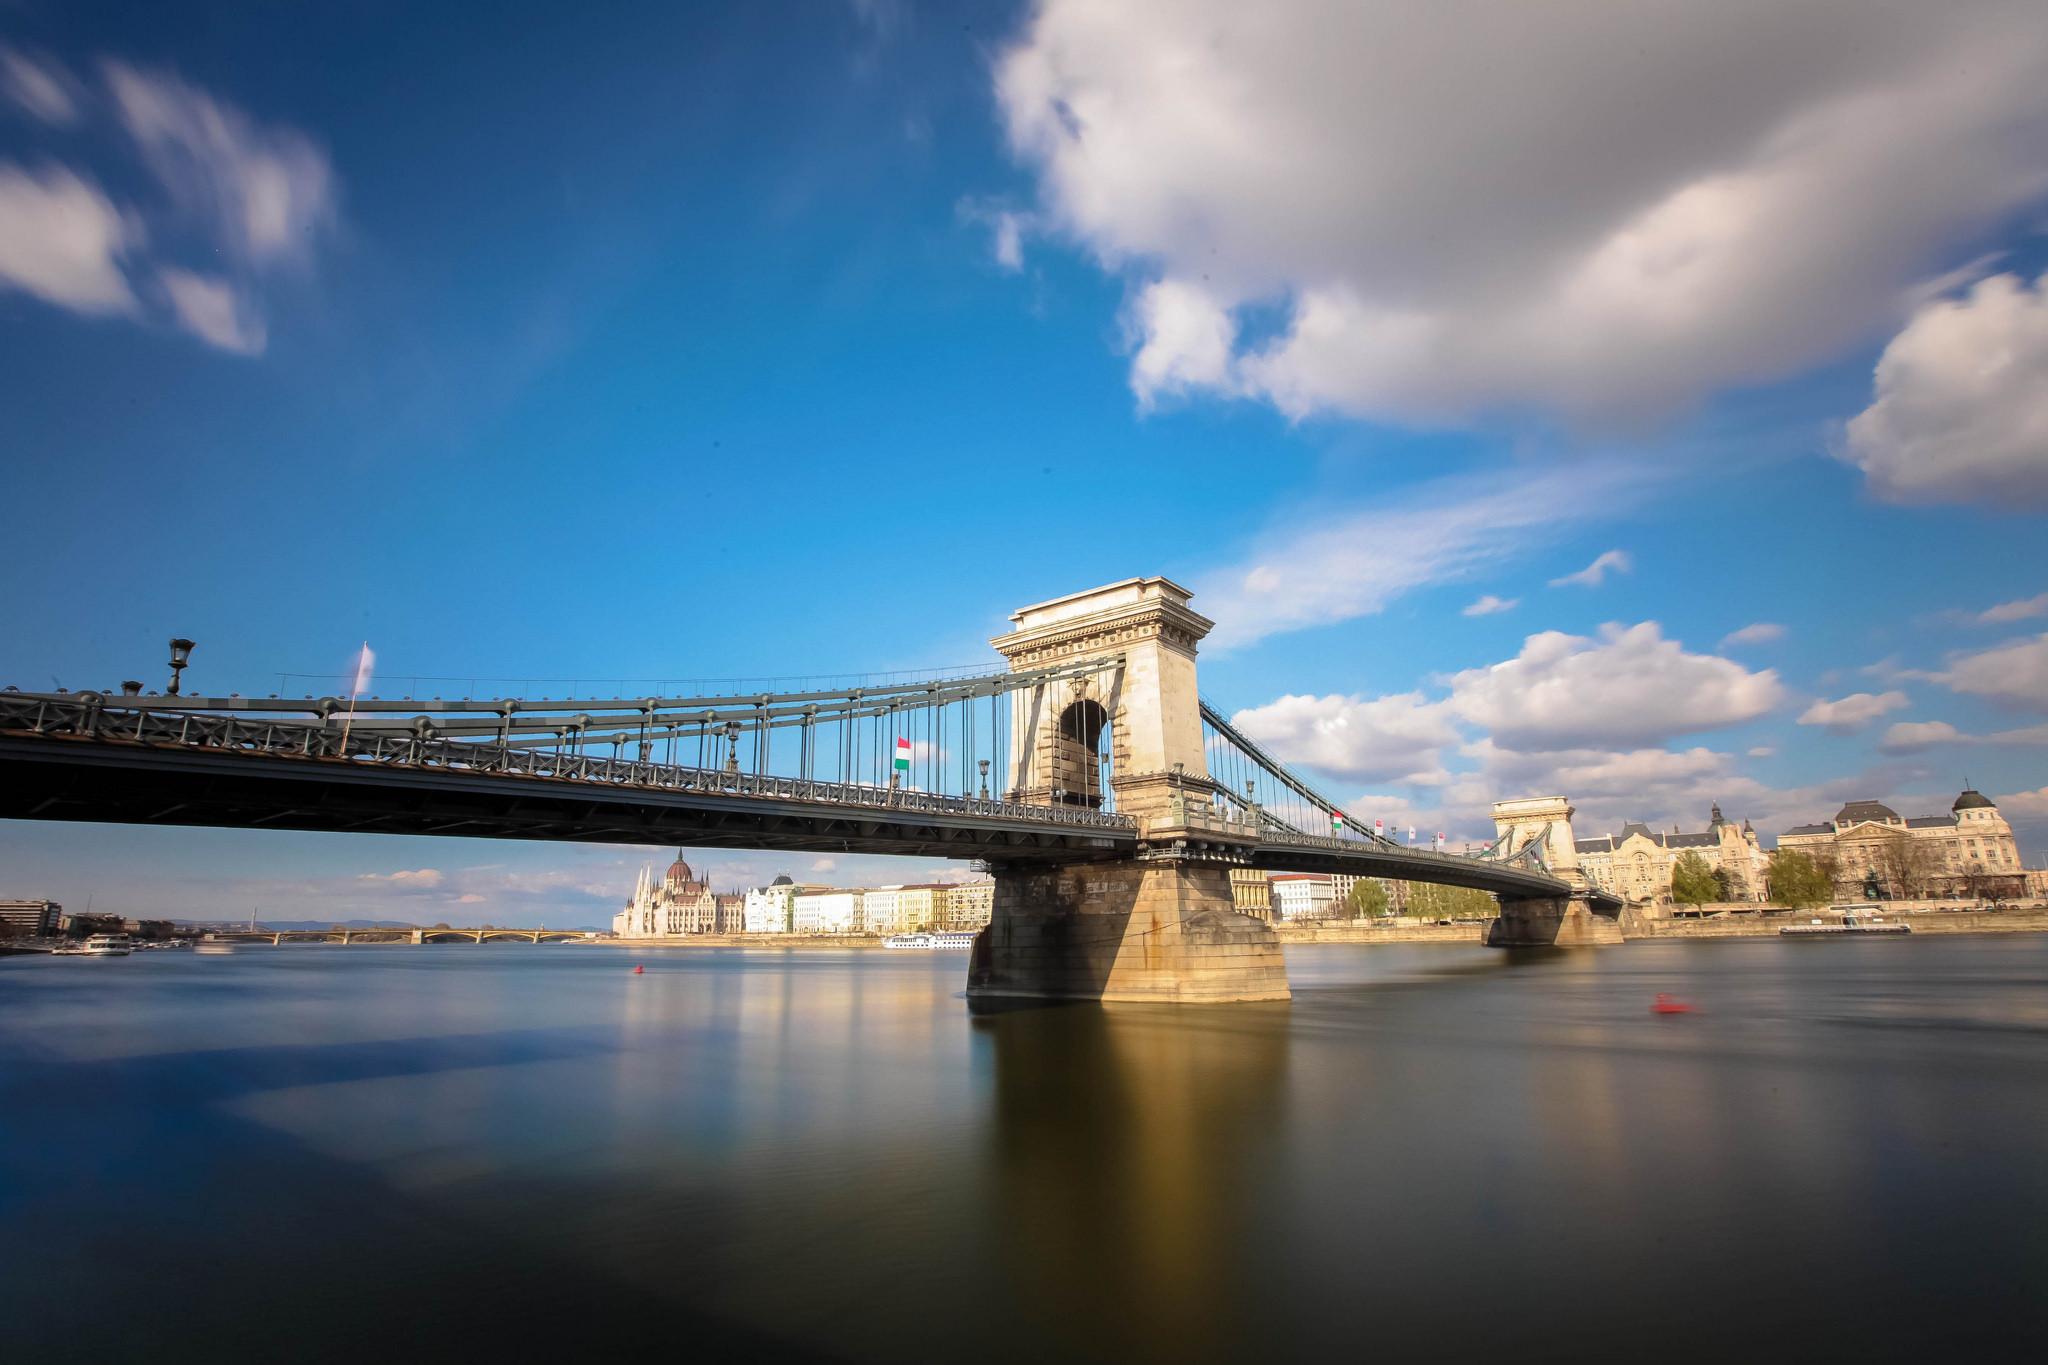 Bello puente en Italia - 2048x1365